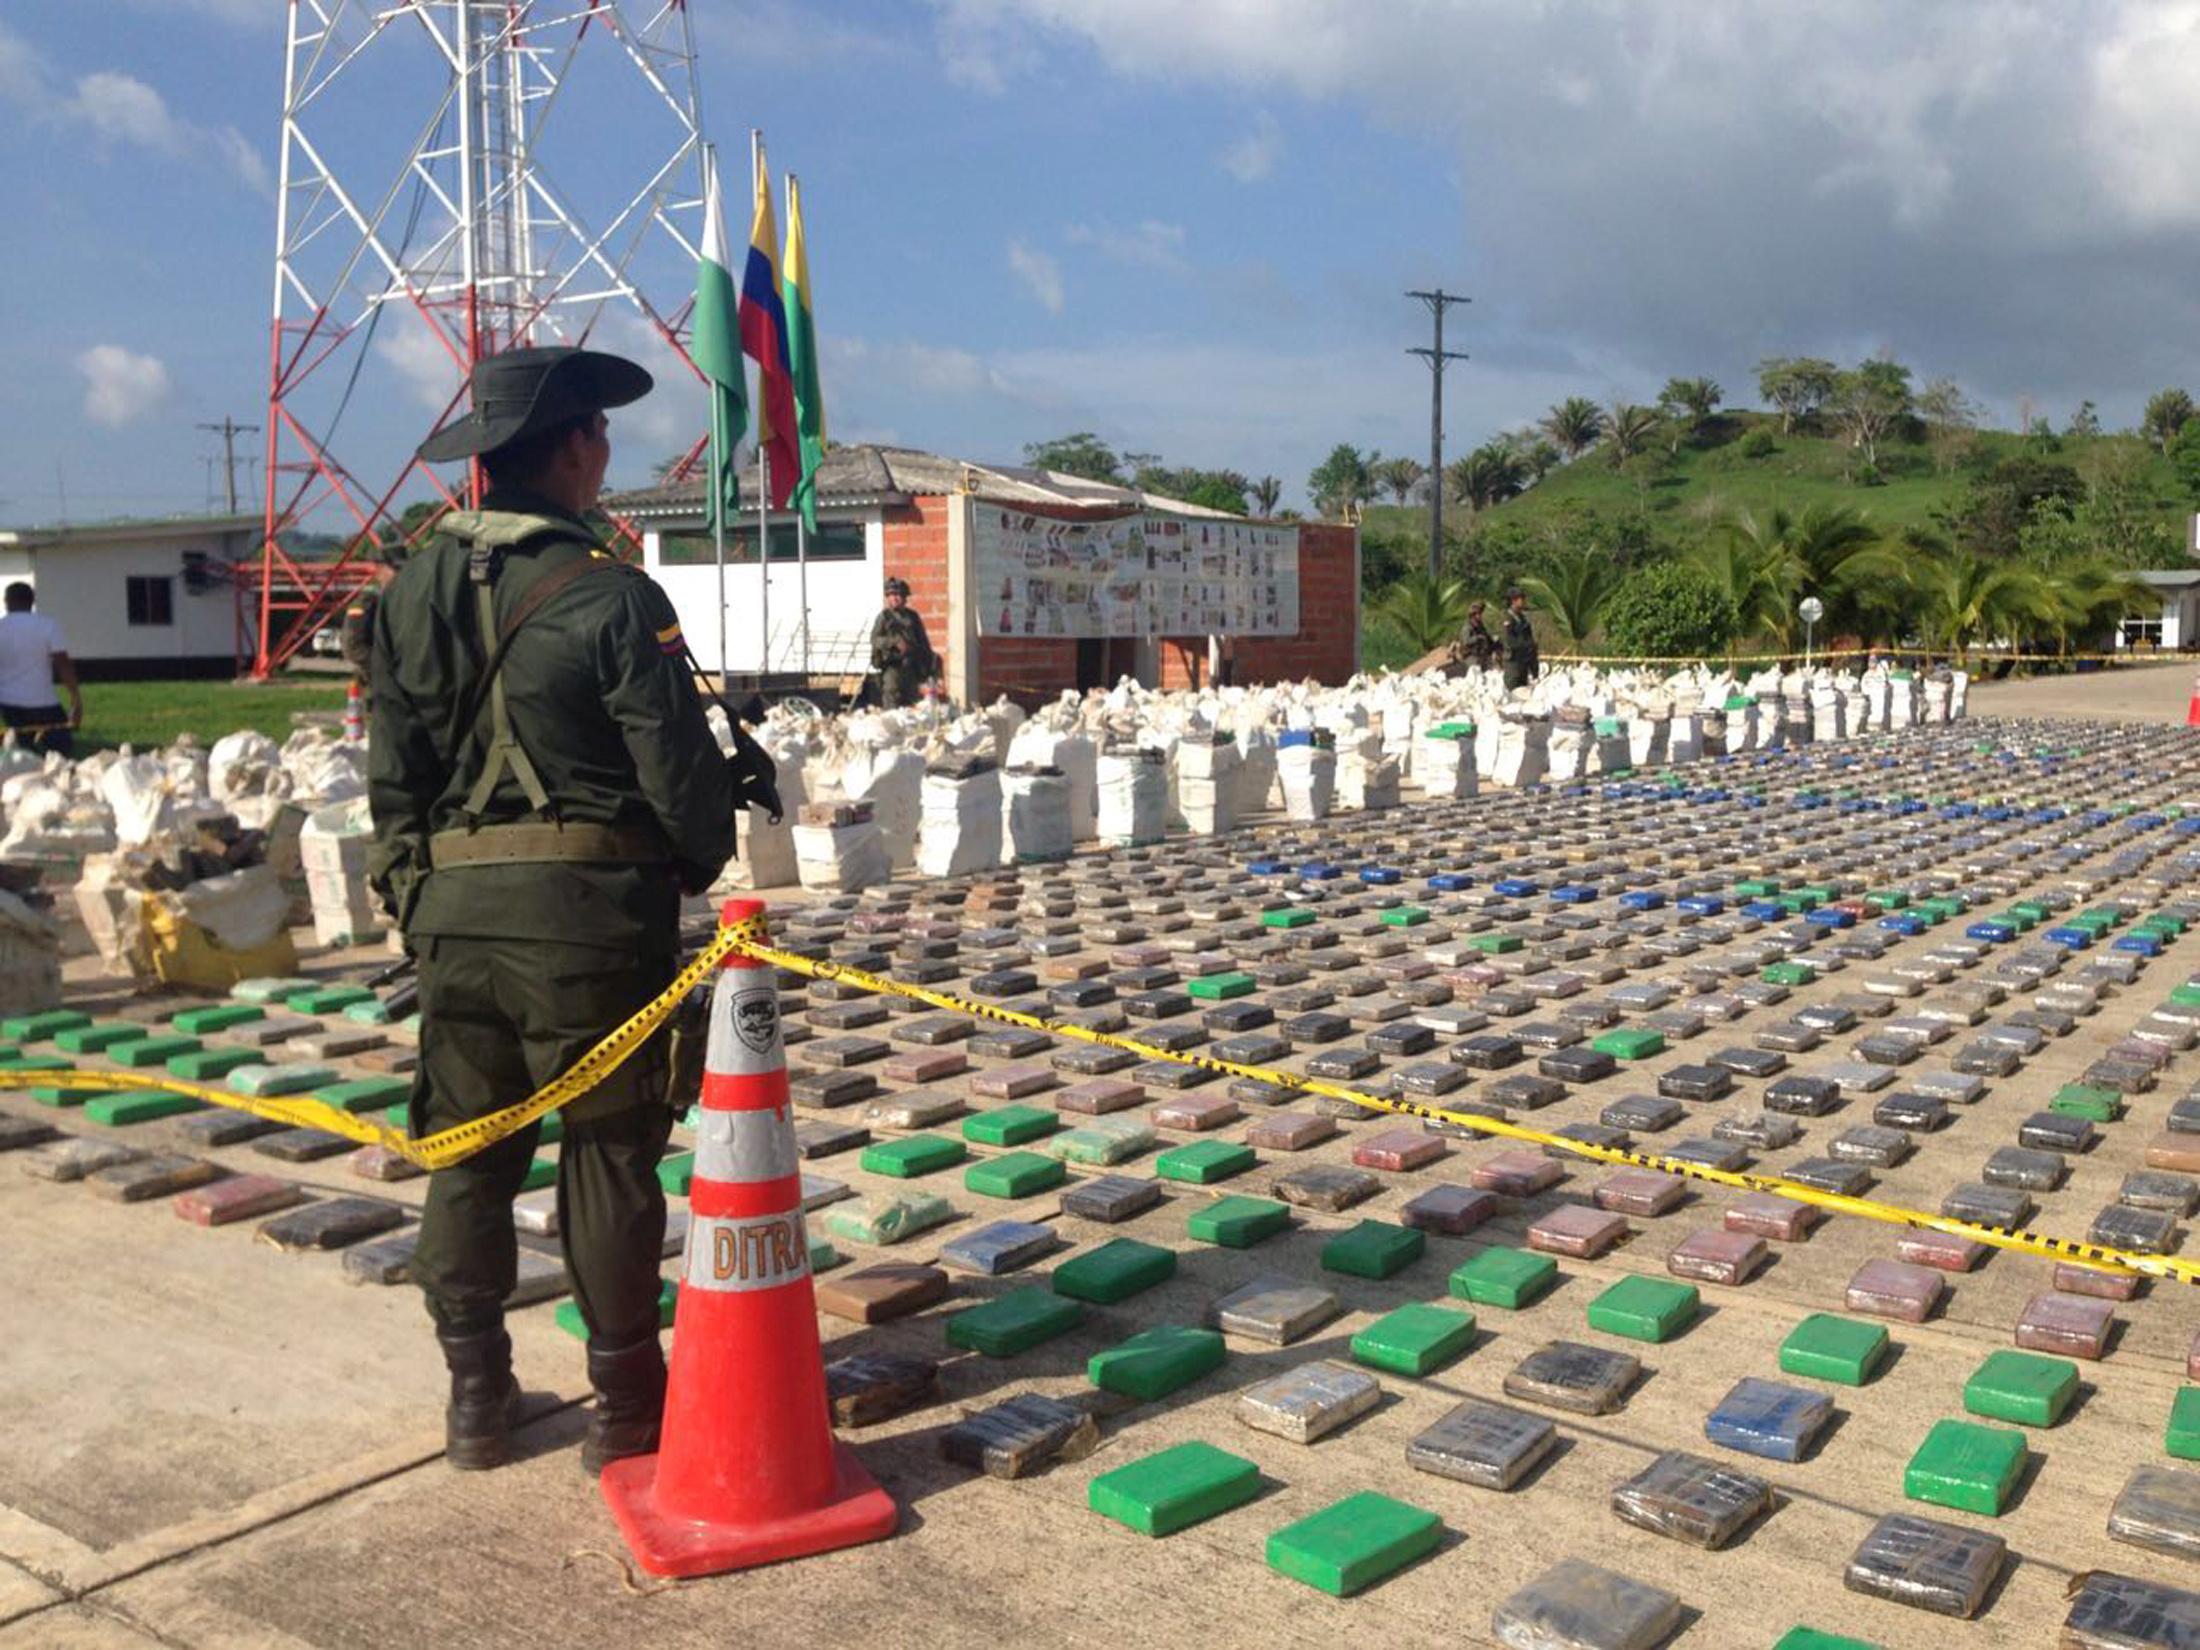 Cea mai mare captură de droguri din istoria Columbiei: 12 TONE de cocaină  / Valoarea uriaşă la care au fost estimate/ Cine este omul pentru capturarea căruia SUA au oferit o recompensă de 5 milioane dolari   FOTO